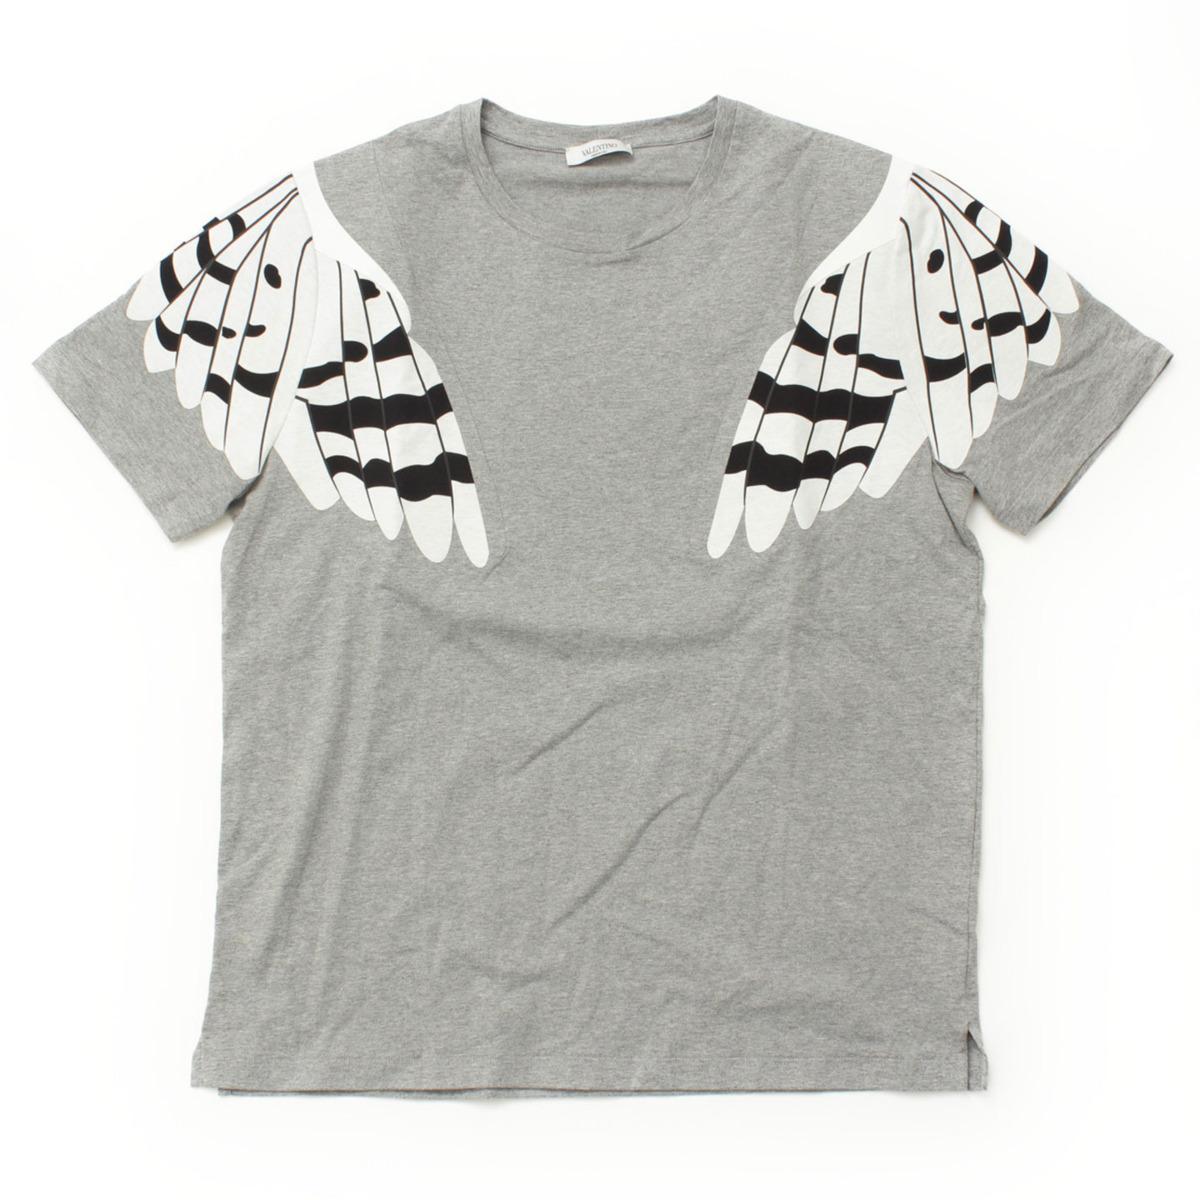 【ヴァレンティノ】Valentino メンズ オウル サーモテーピング Tシャツ グレー M 【中古】【鑑定済・正規品保証】【送料無料】24278